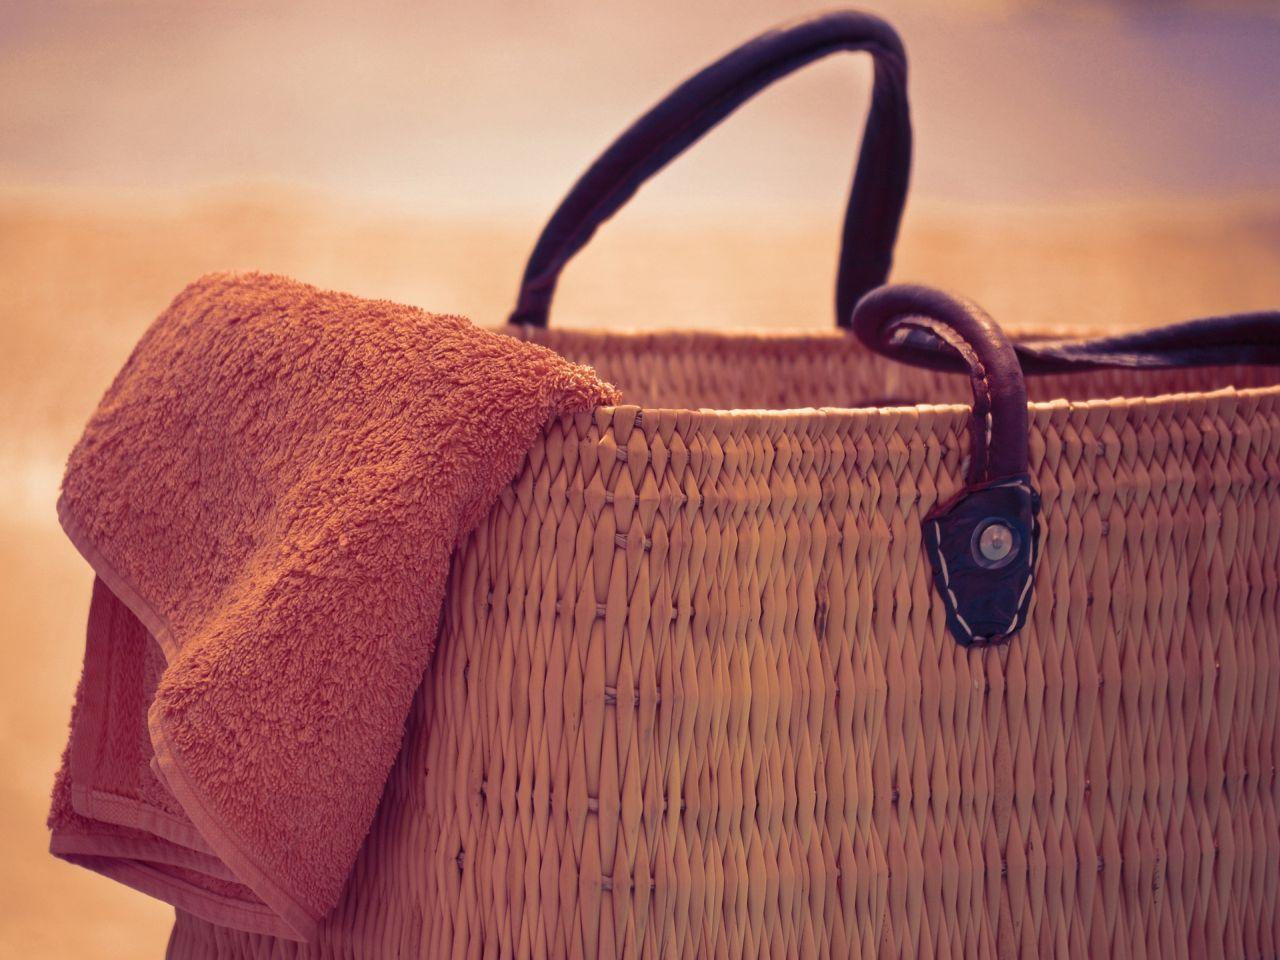 060b26cb26afc Torby i torebki plażowe. Modne modele na wakacje 2019 - Kraina Stylu